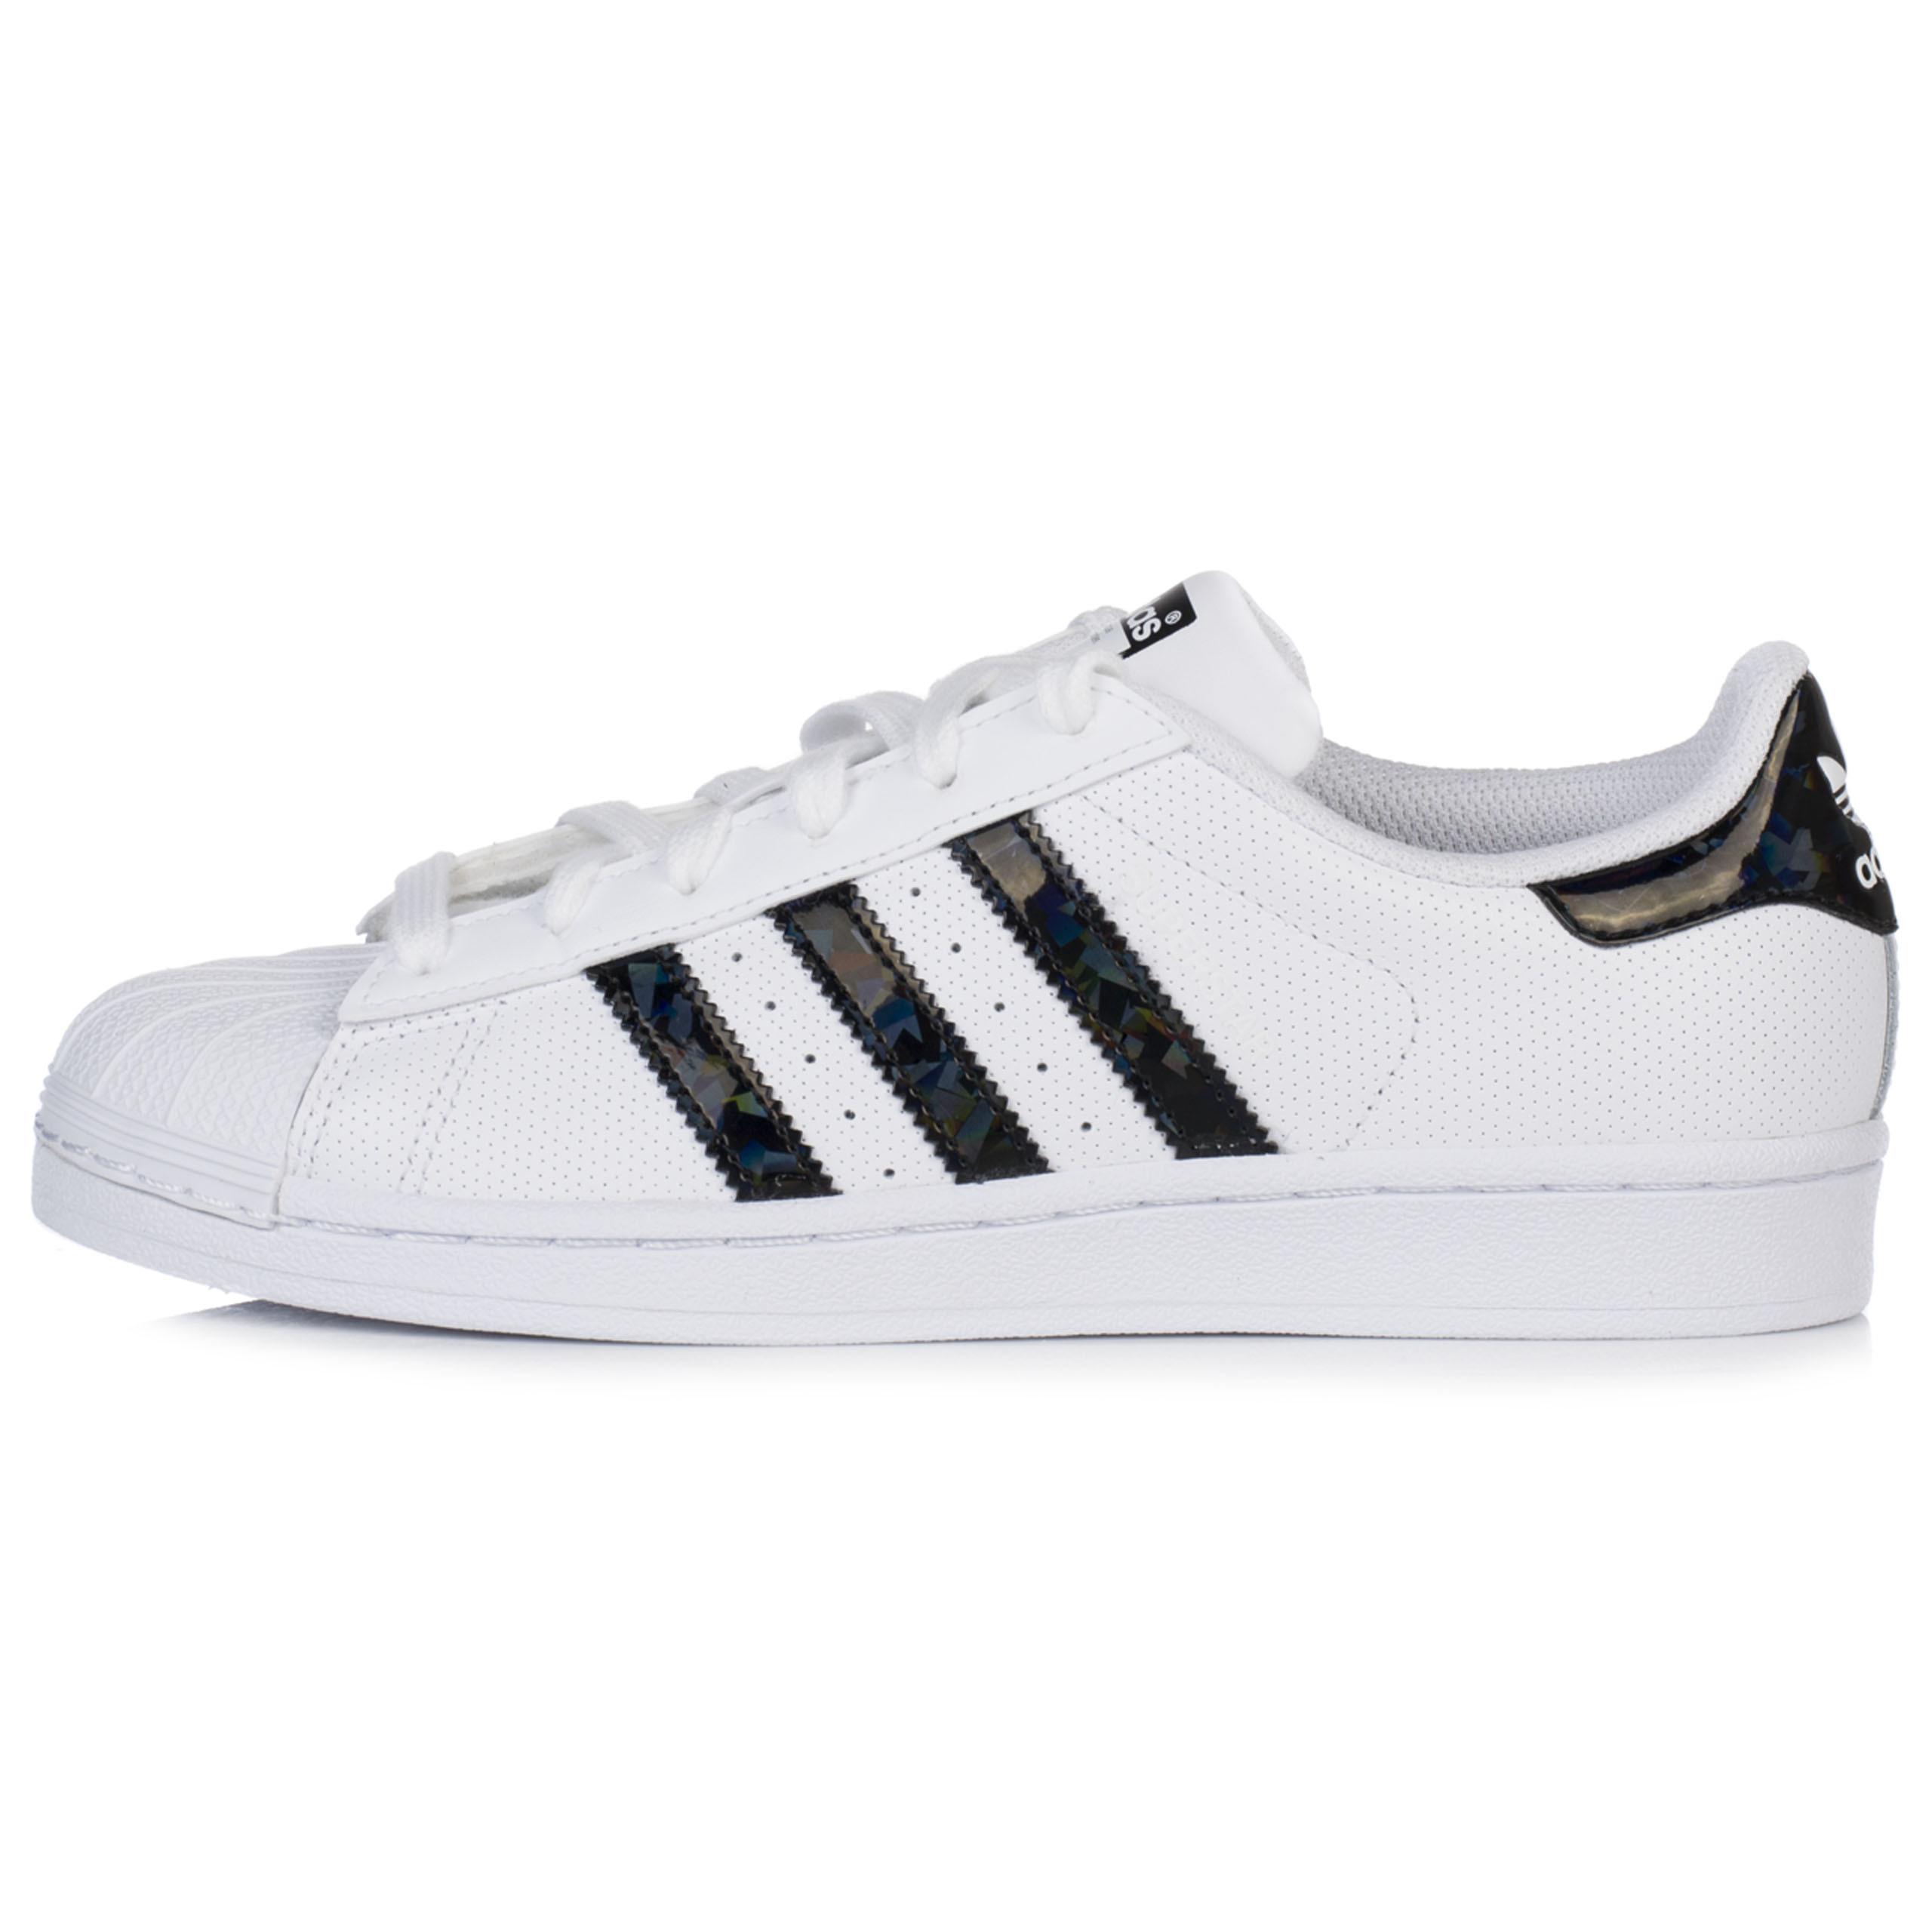 Buty dziecięce adidas Superstar białe skórzane 7199823898